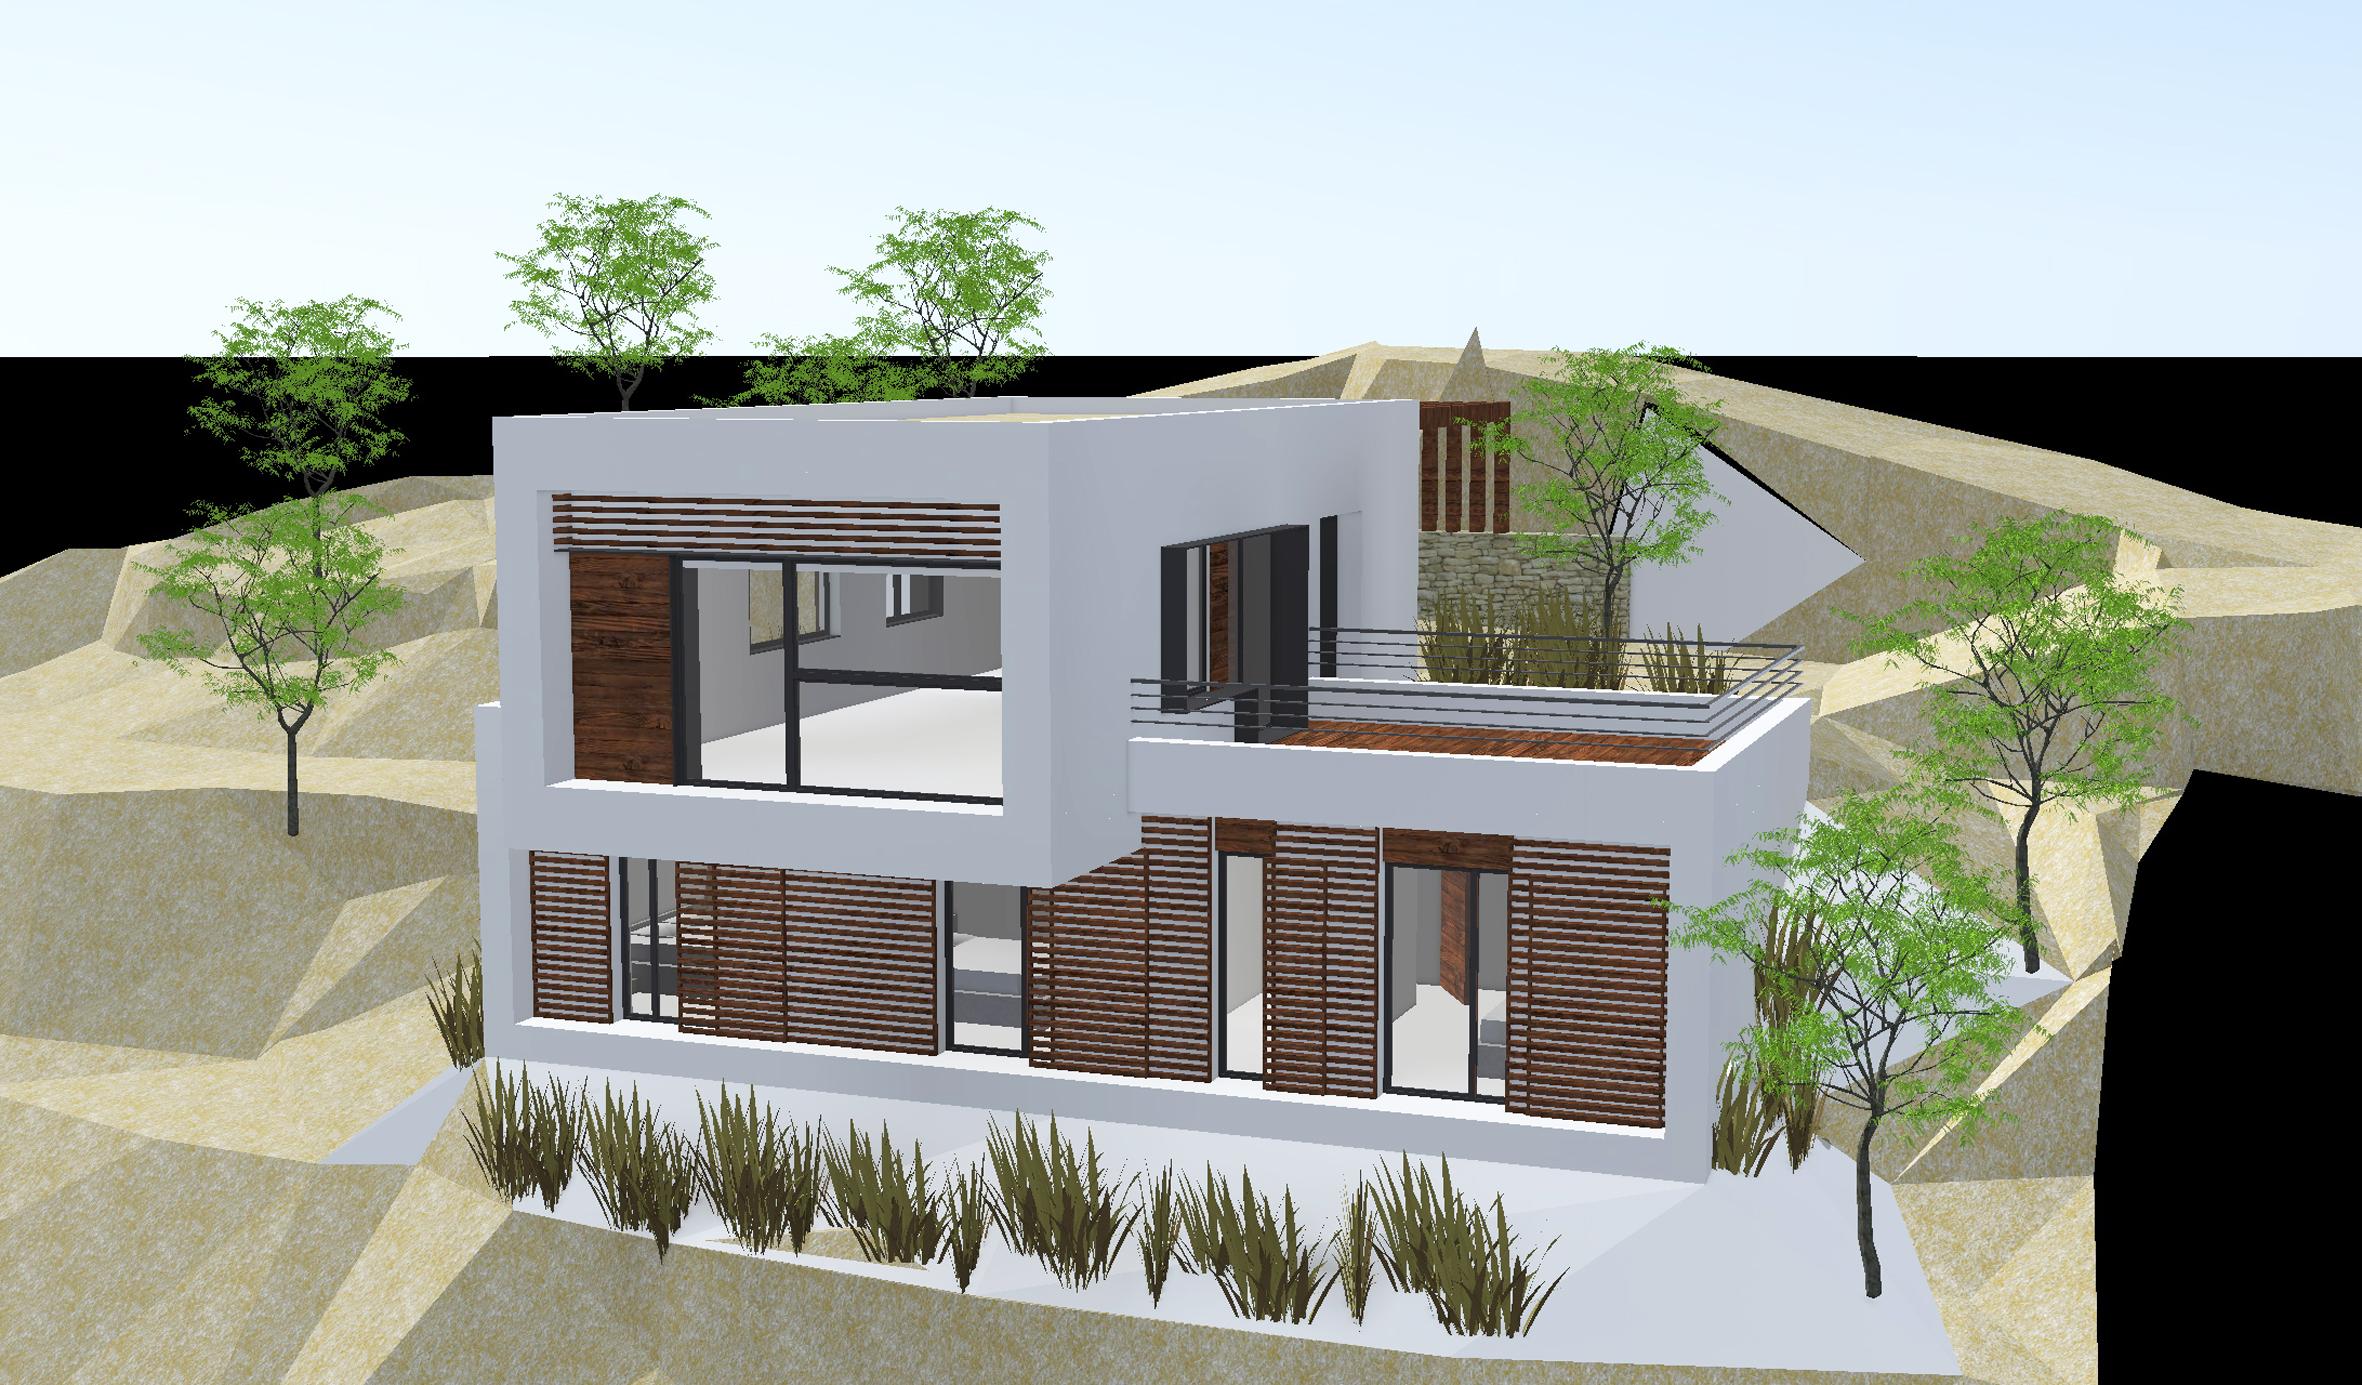 Maison C San Martino 04